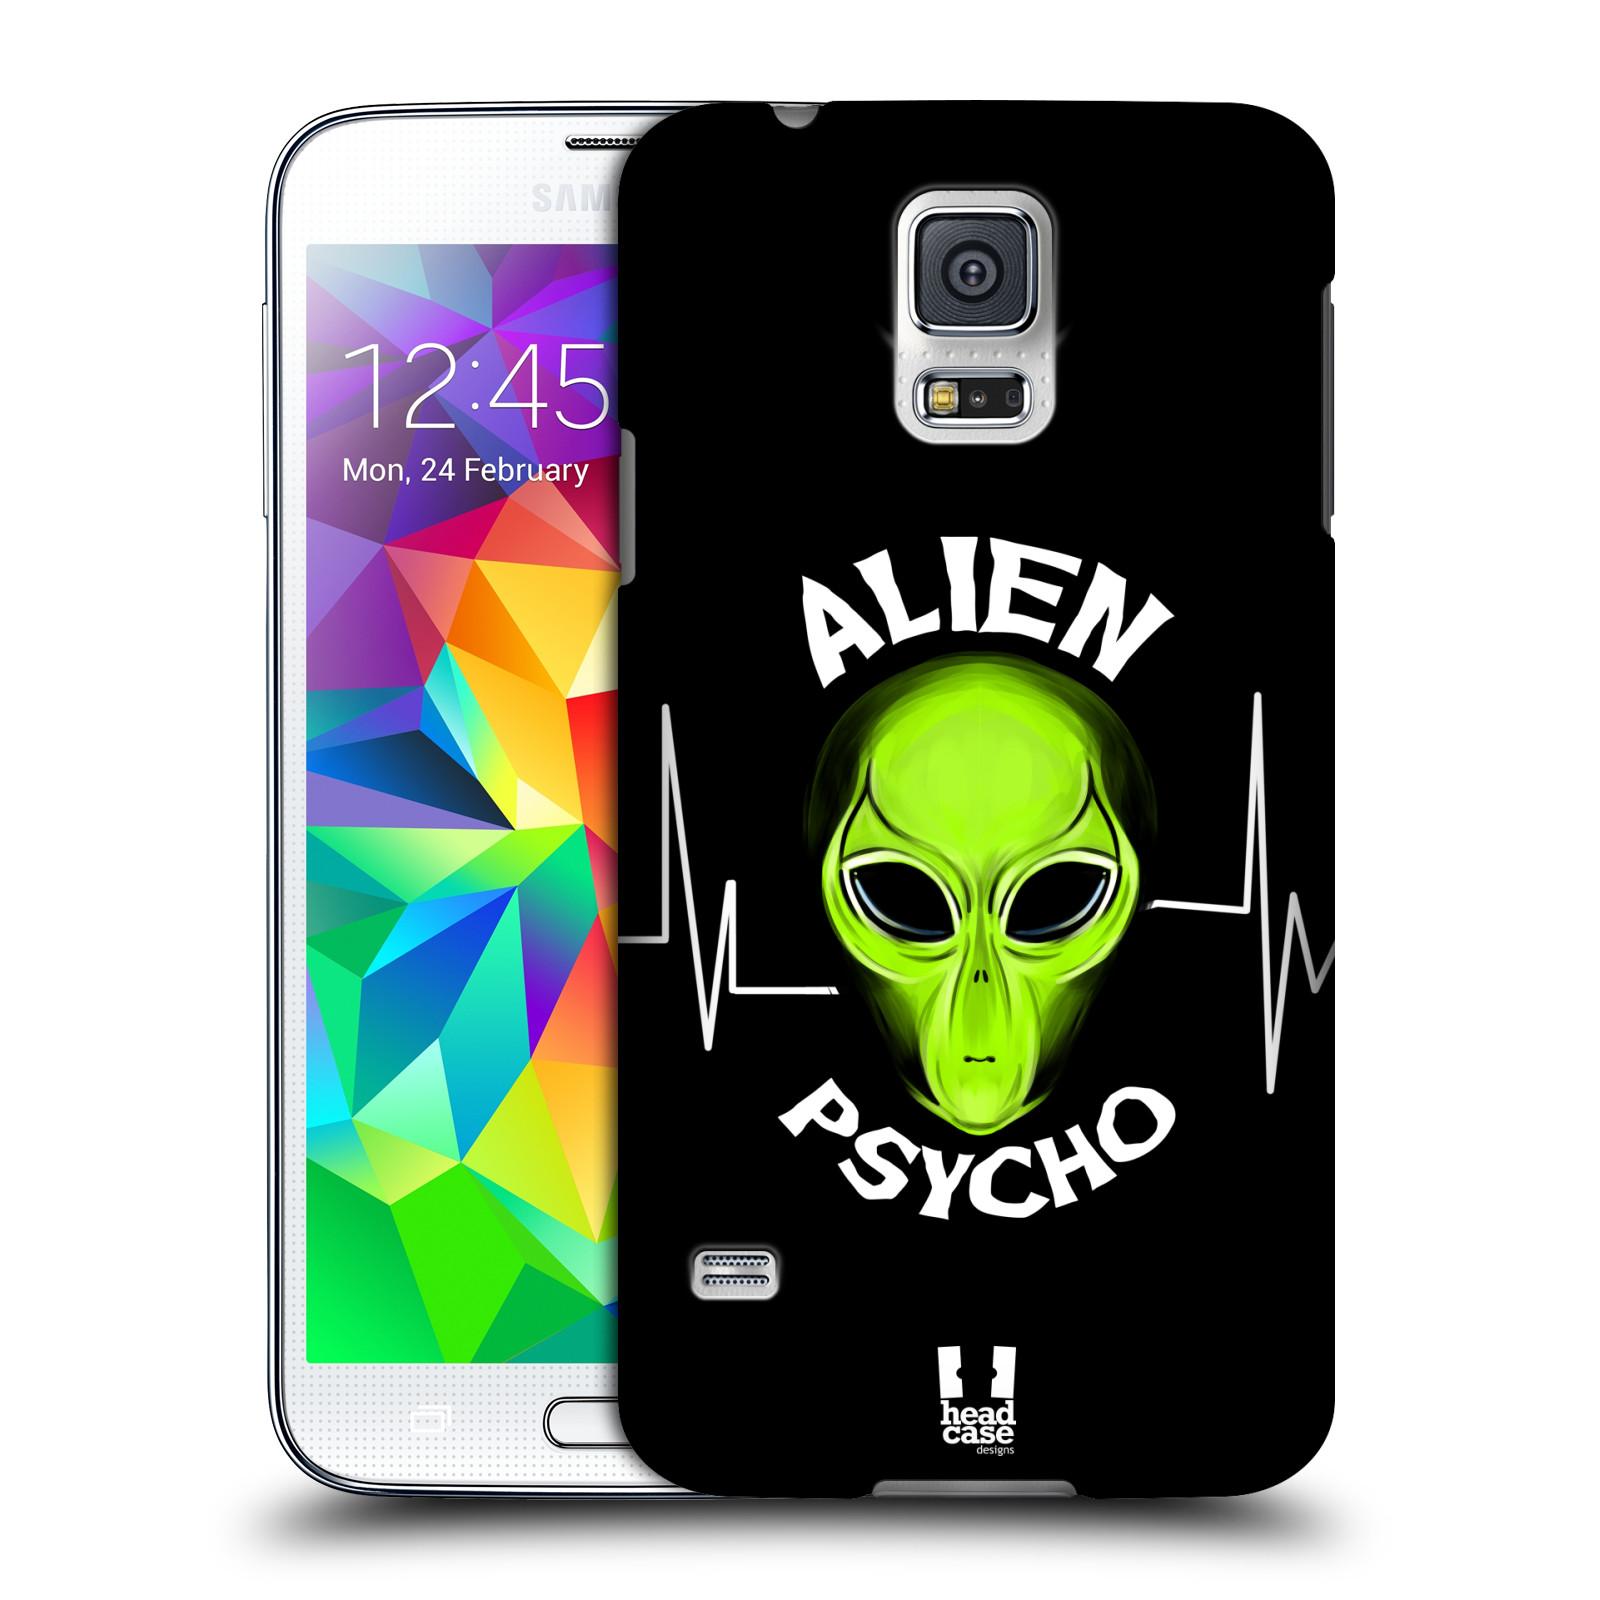 Plastové pouzdro na mobil Samsung Galaxy S5 HEAD CASE ALIENS PSYCHO